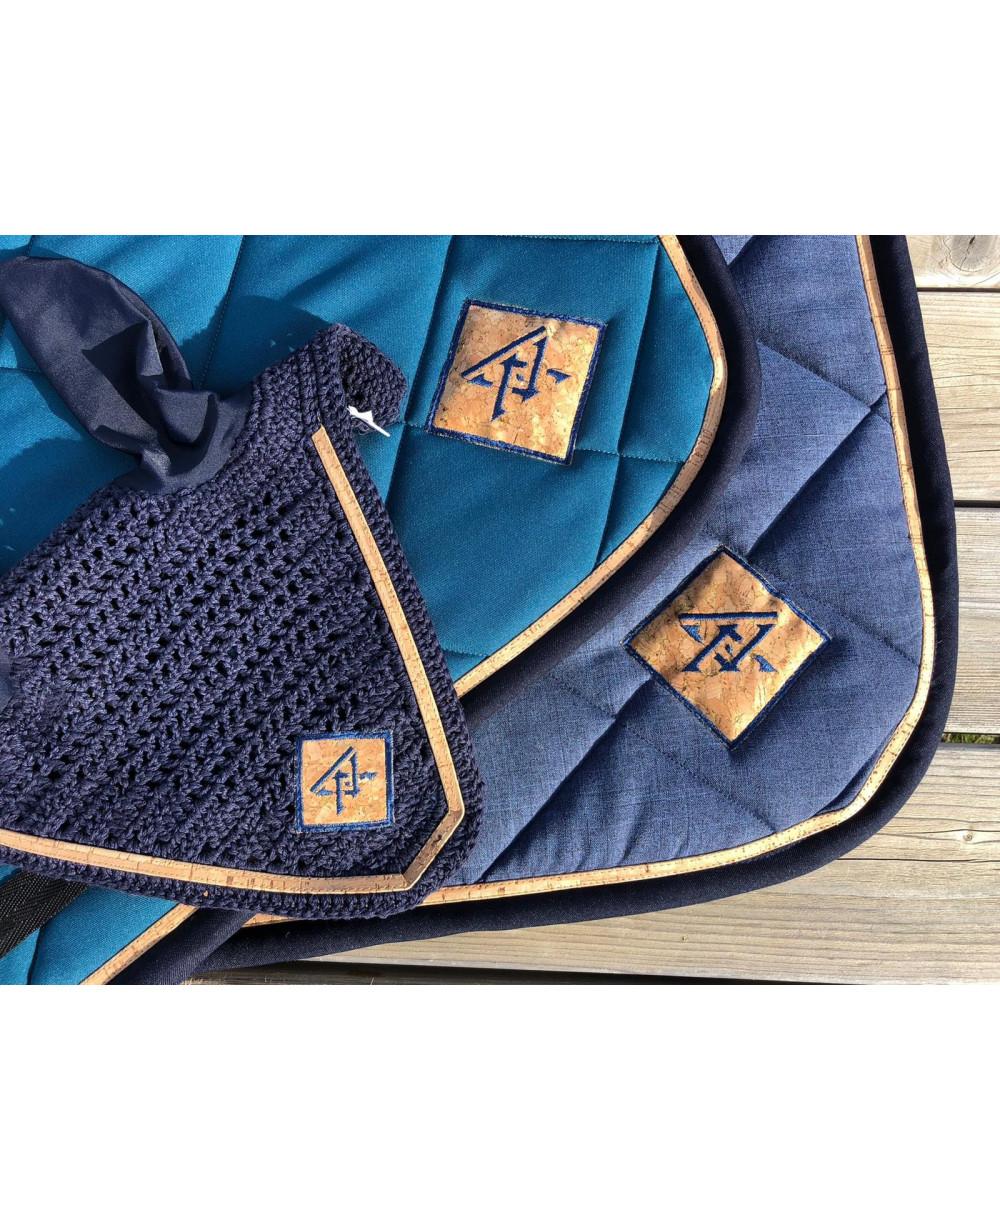 Couvre reins bleu marine